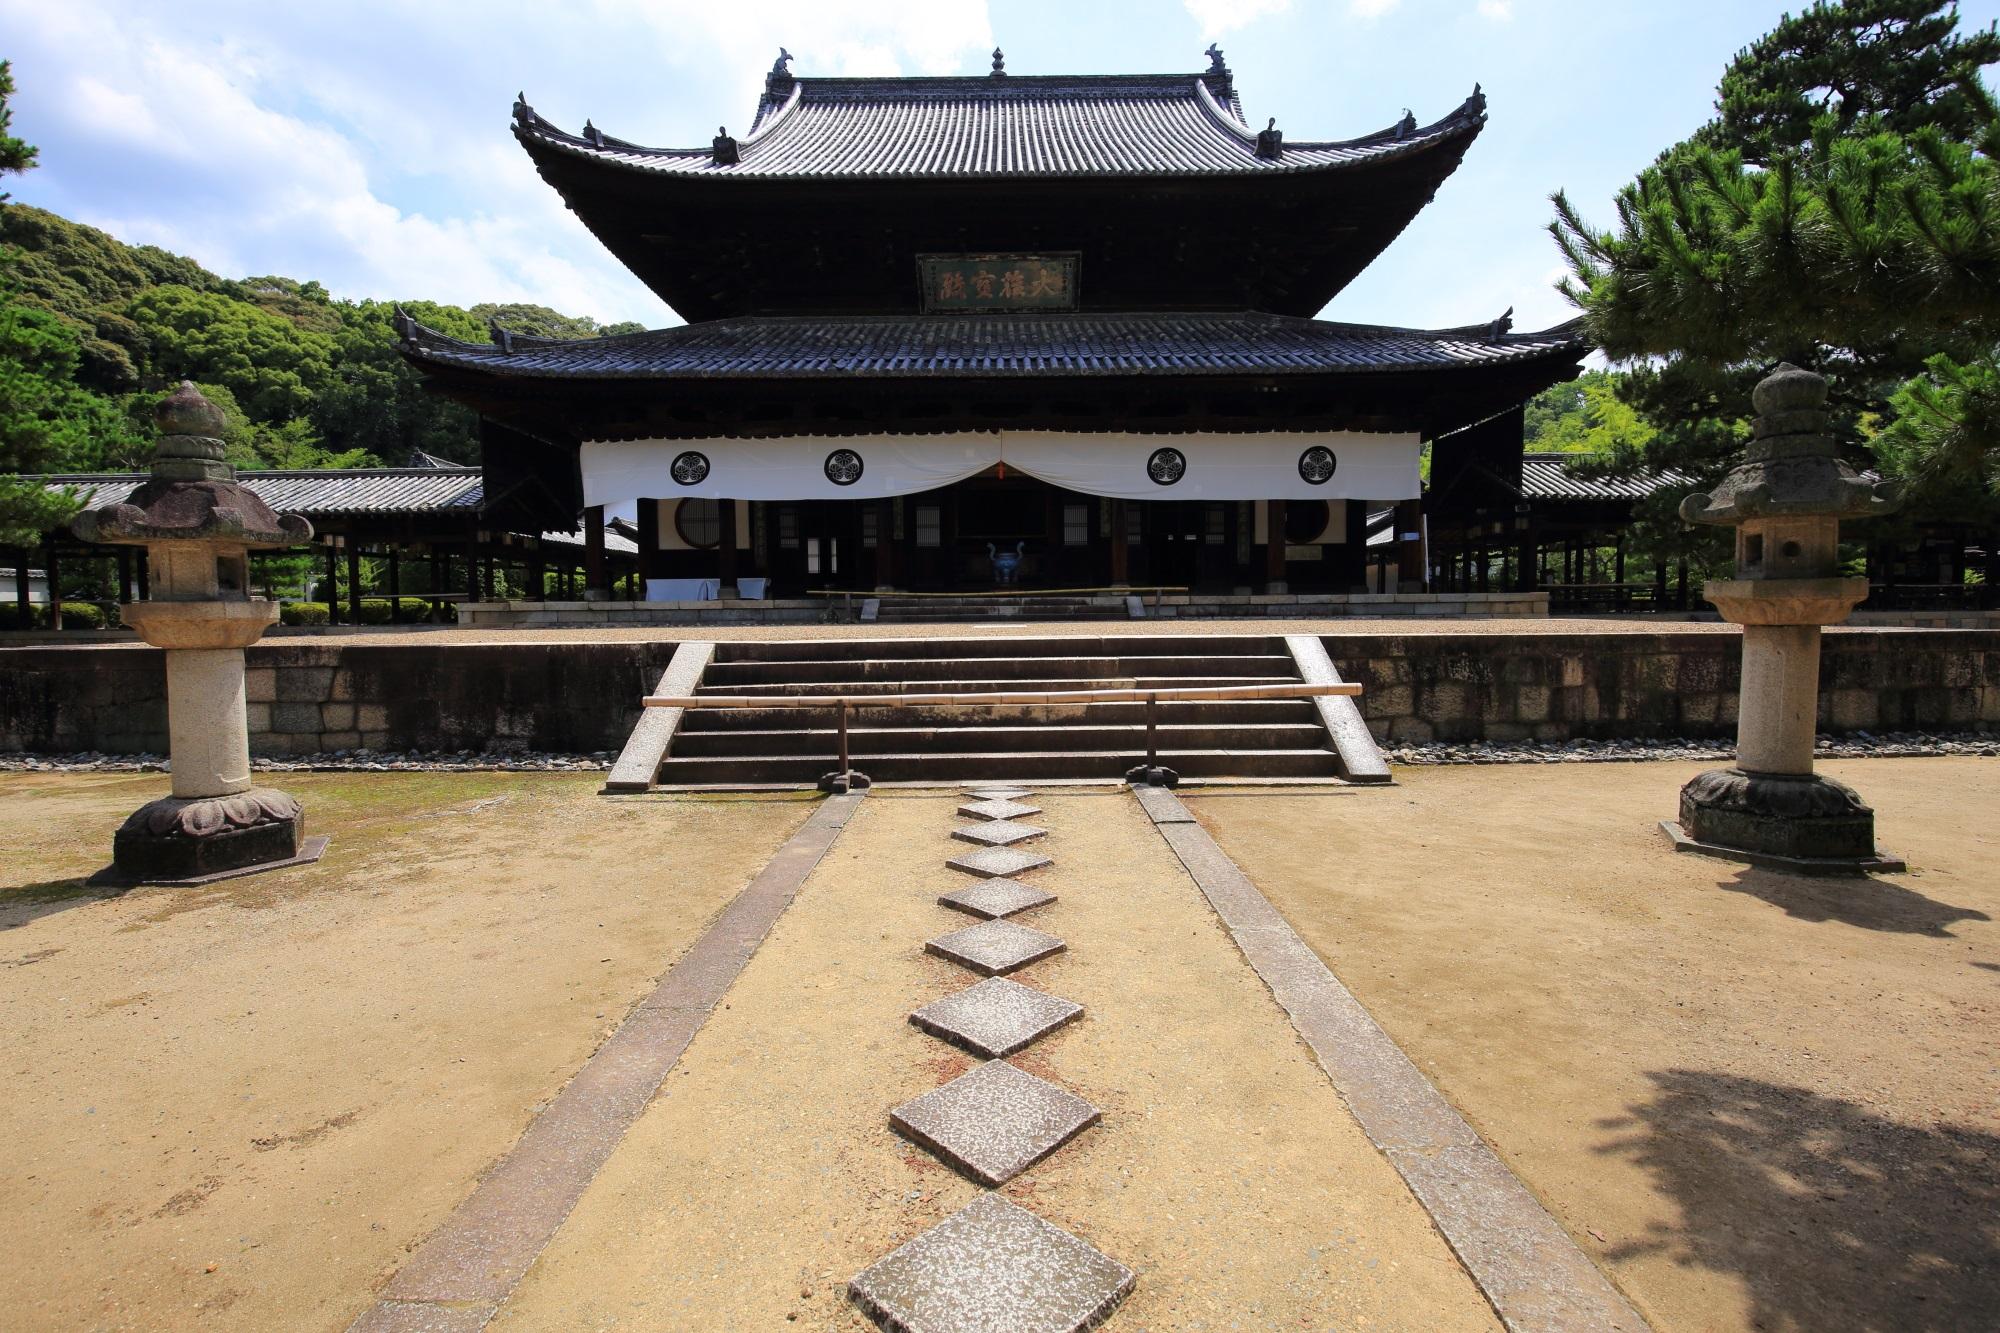 中国式の建物や中国風のお寺として知られる黄檗山萬福寺の見事な構えの大雄宝殿